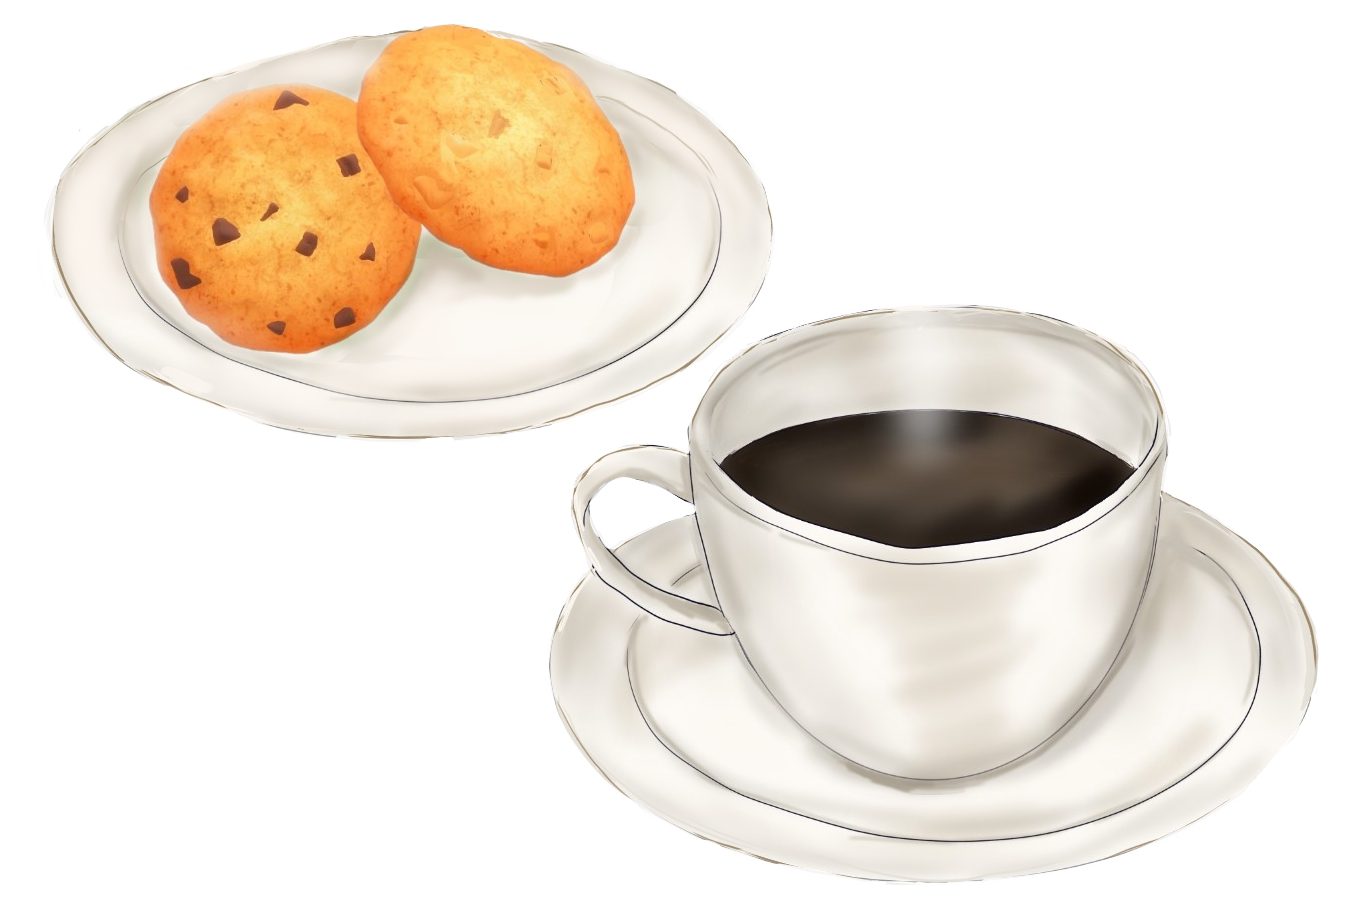 コーヒーに合う食べ物wwwwwwwwwwwwwwwwwwwwwwwwwwww